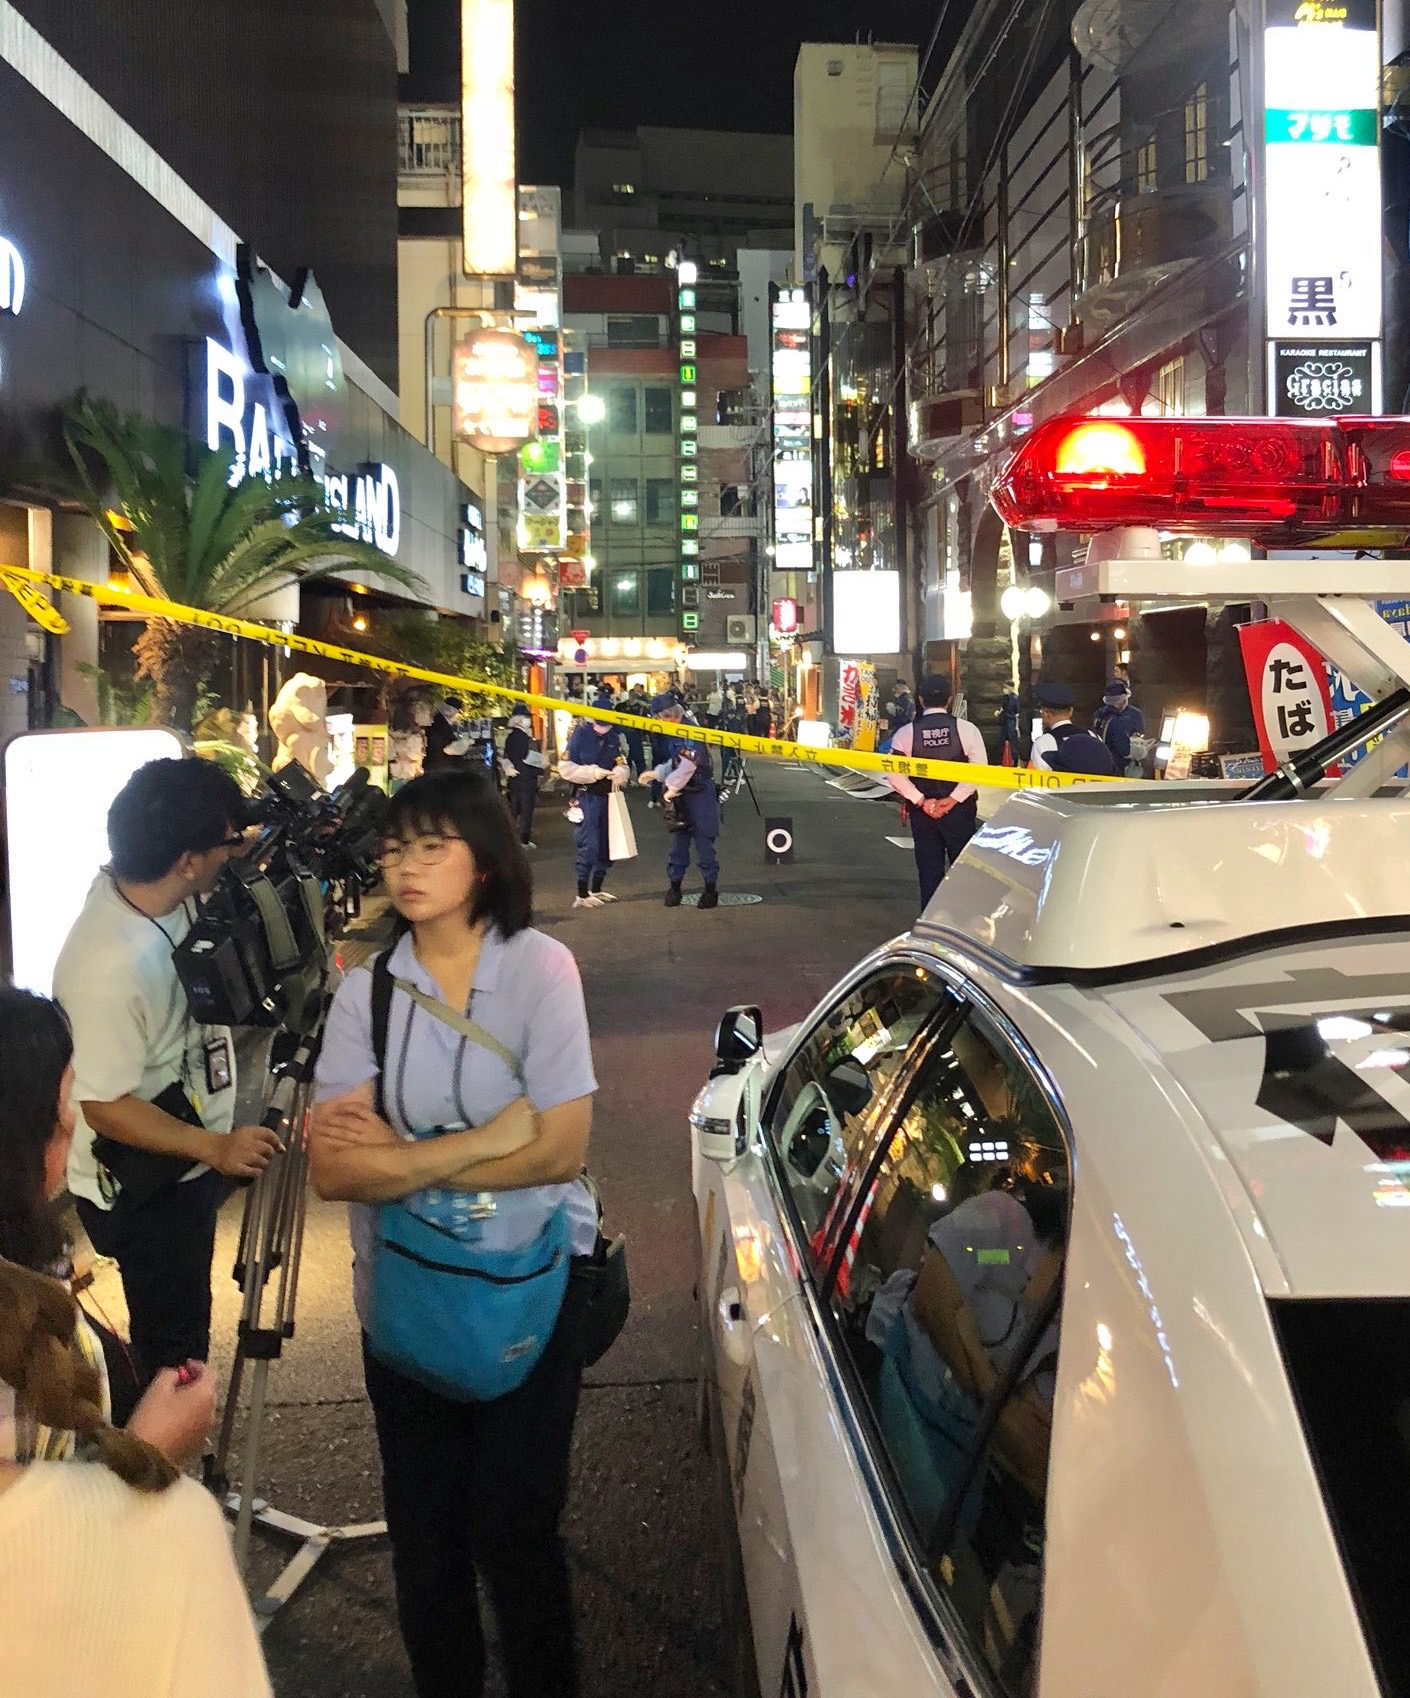 【歌舞伎町】ビル8階から20代の女性が飛び降り死亡、巻き込まれた通行人20代男性けがの画像4-4